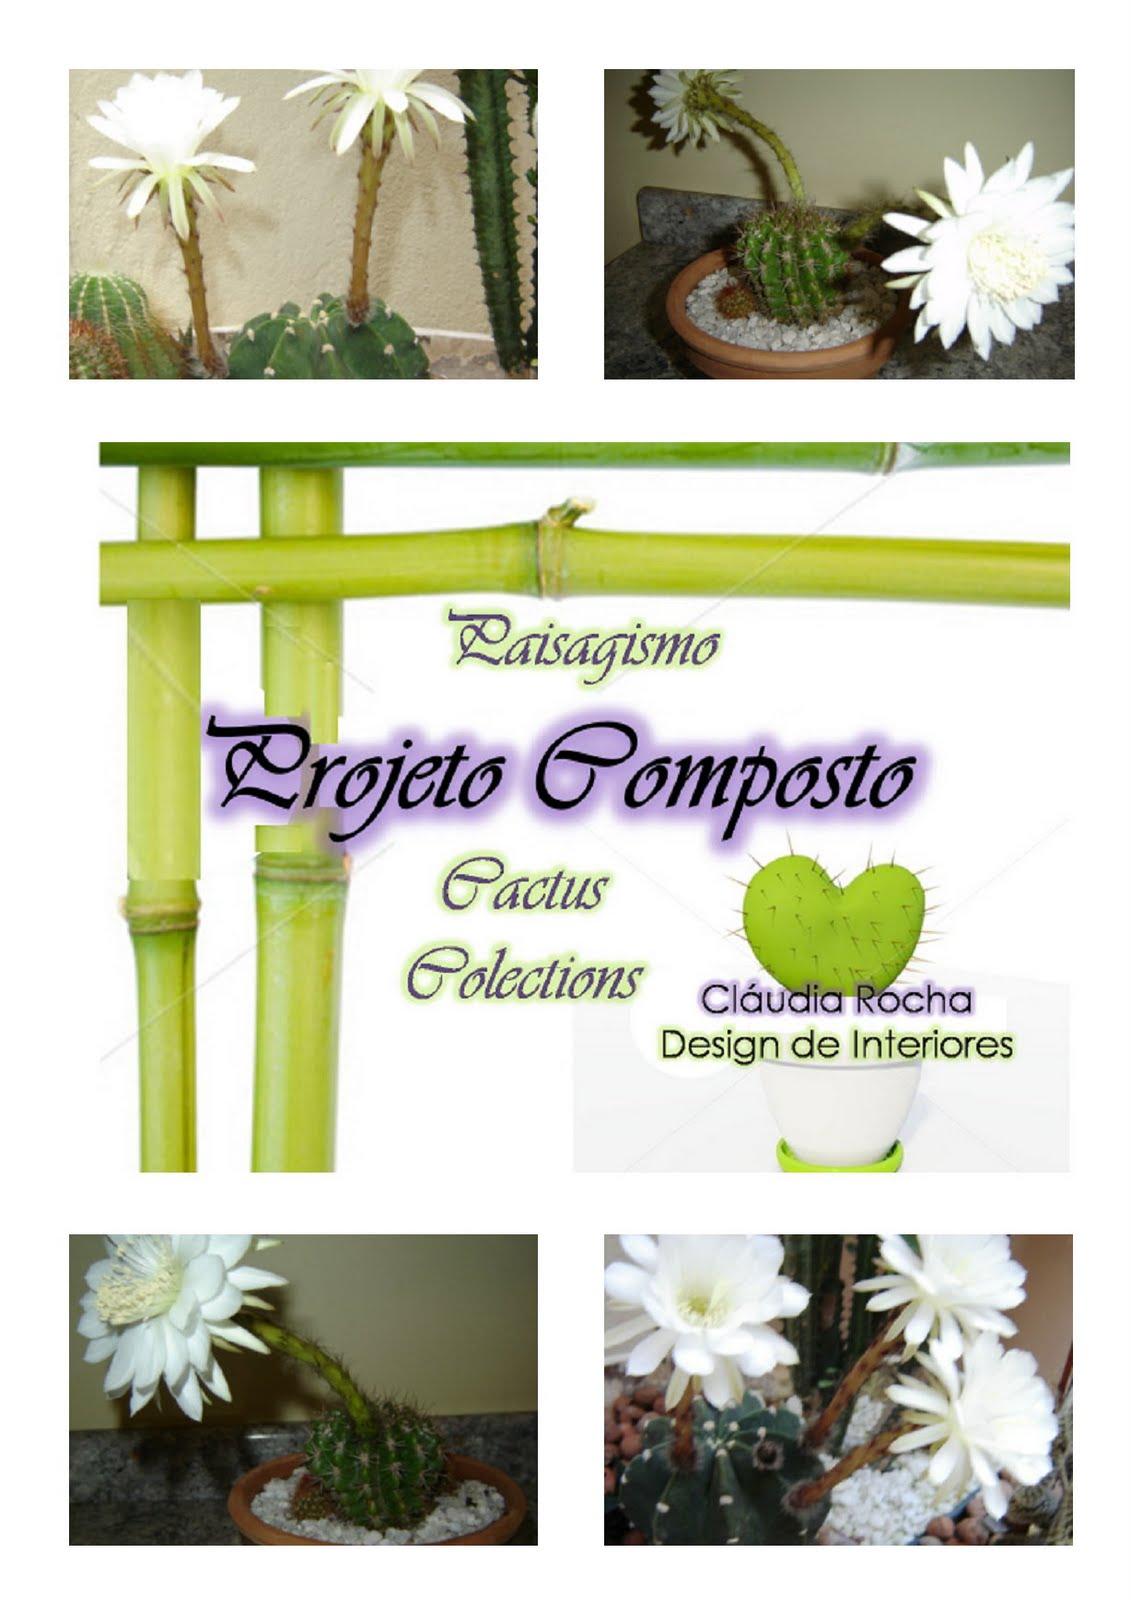 flores jardim camburi: de cactos cactos de flores brancas cacto de flor amarela cacto de flor